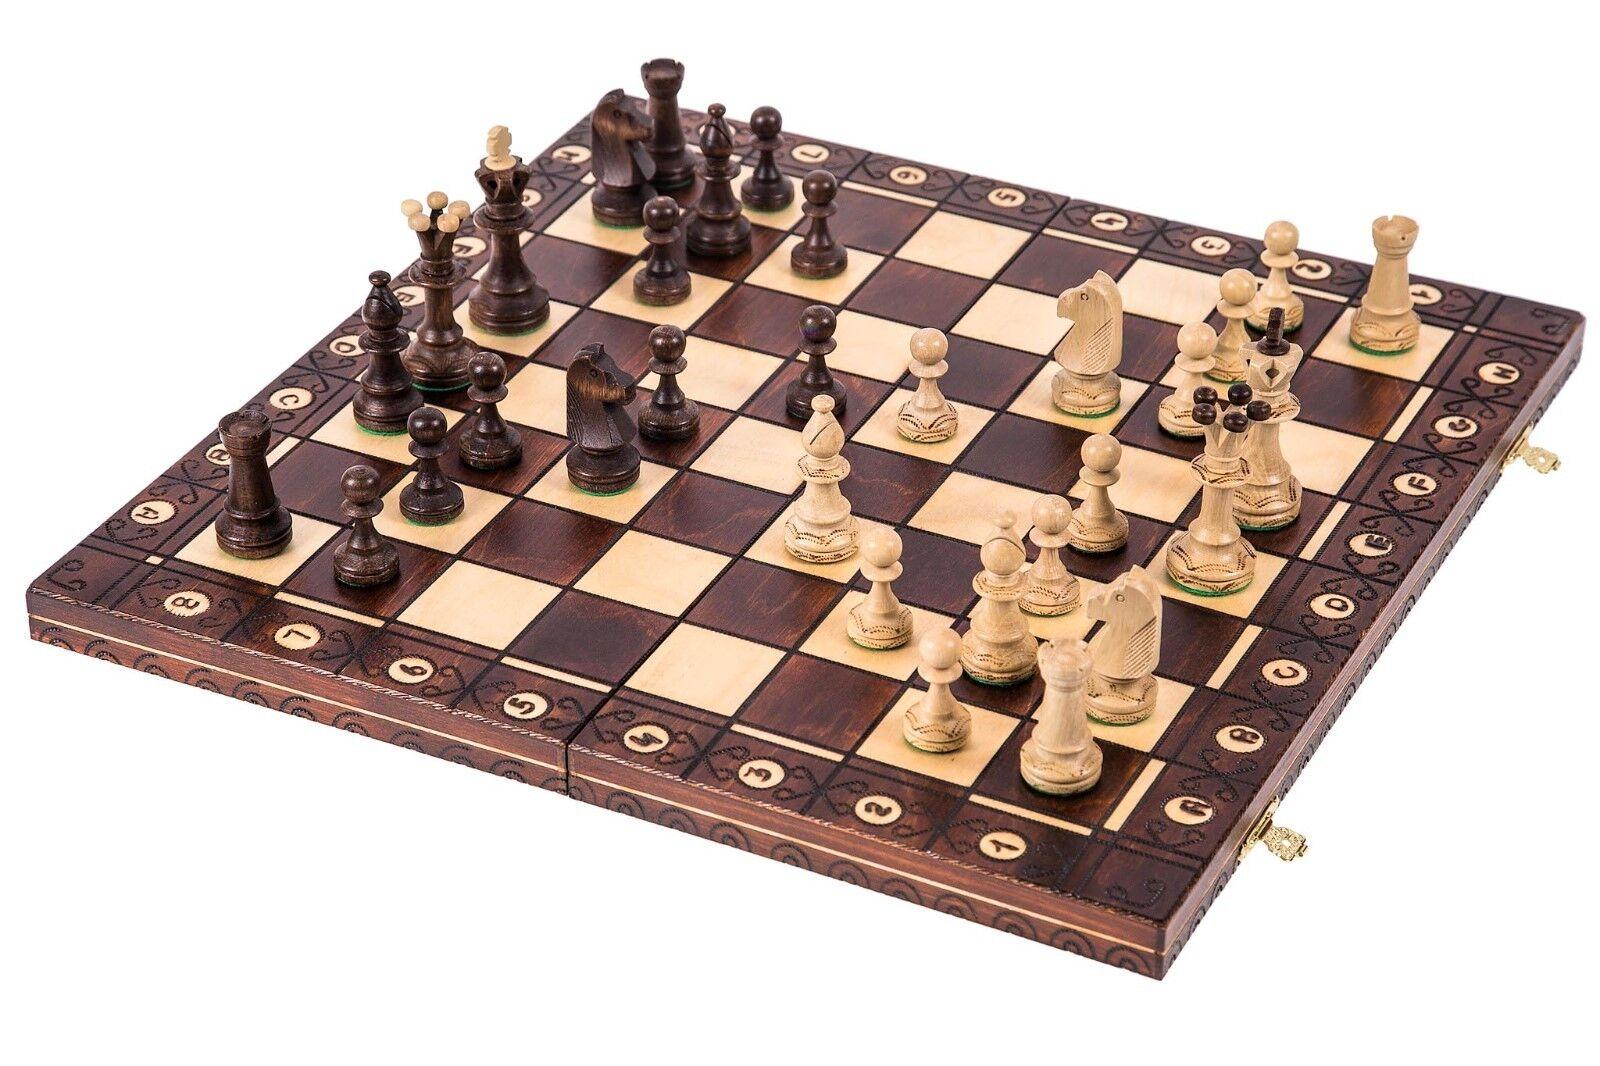 SQUARE - Schach - SENATOR LUX - 41 x 41 cm - Schachspiel und Schachfiguren Holz